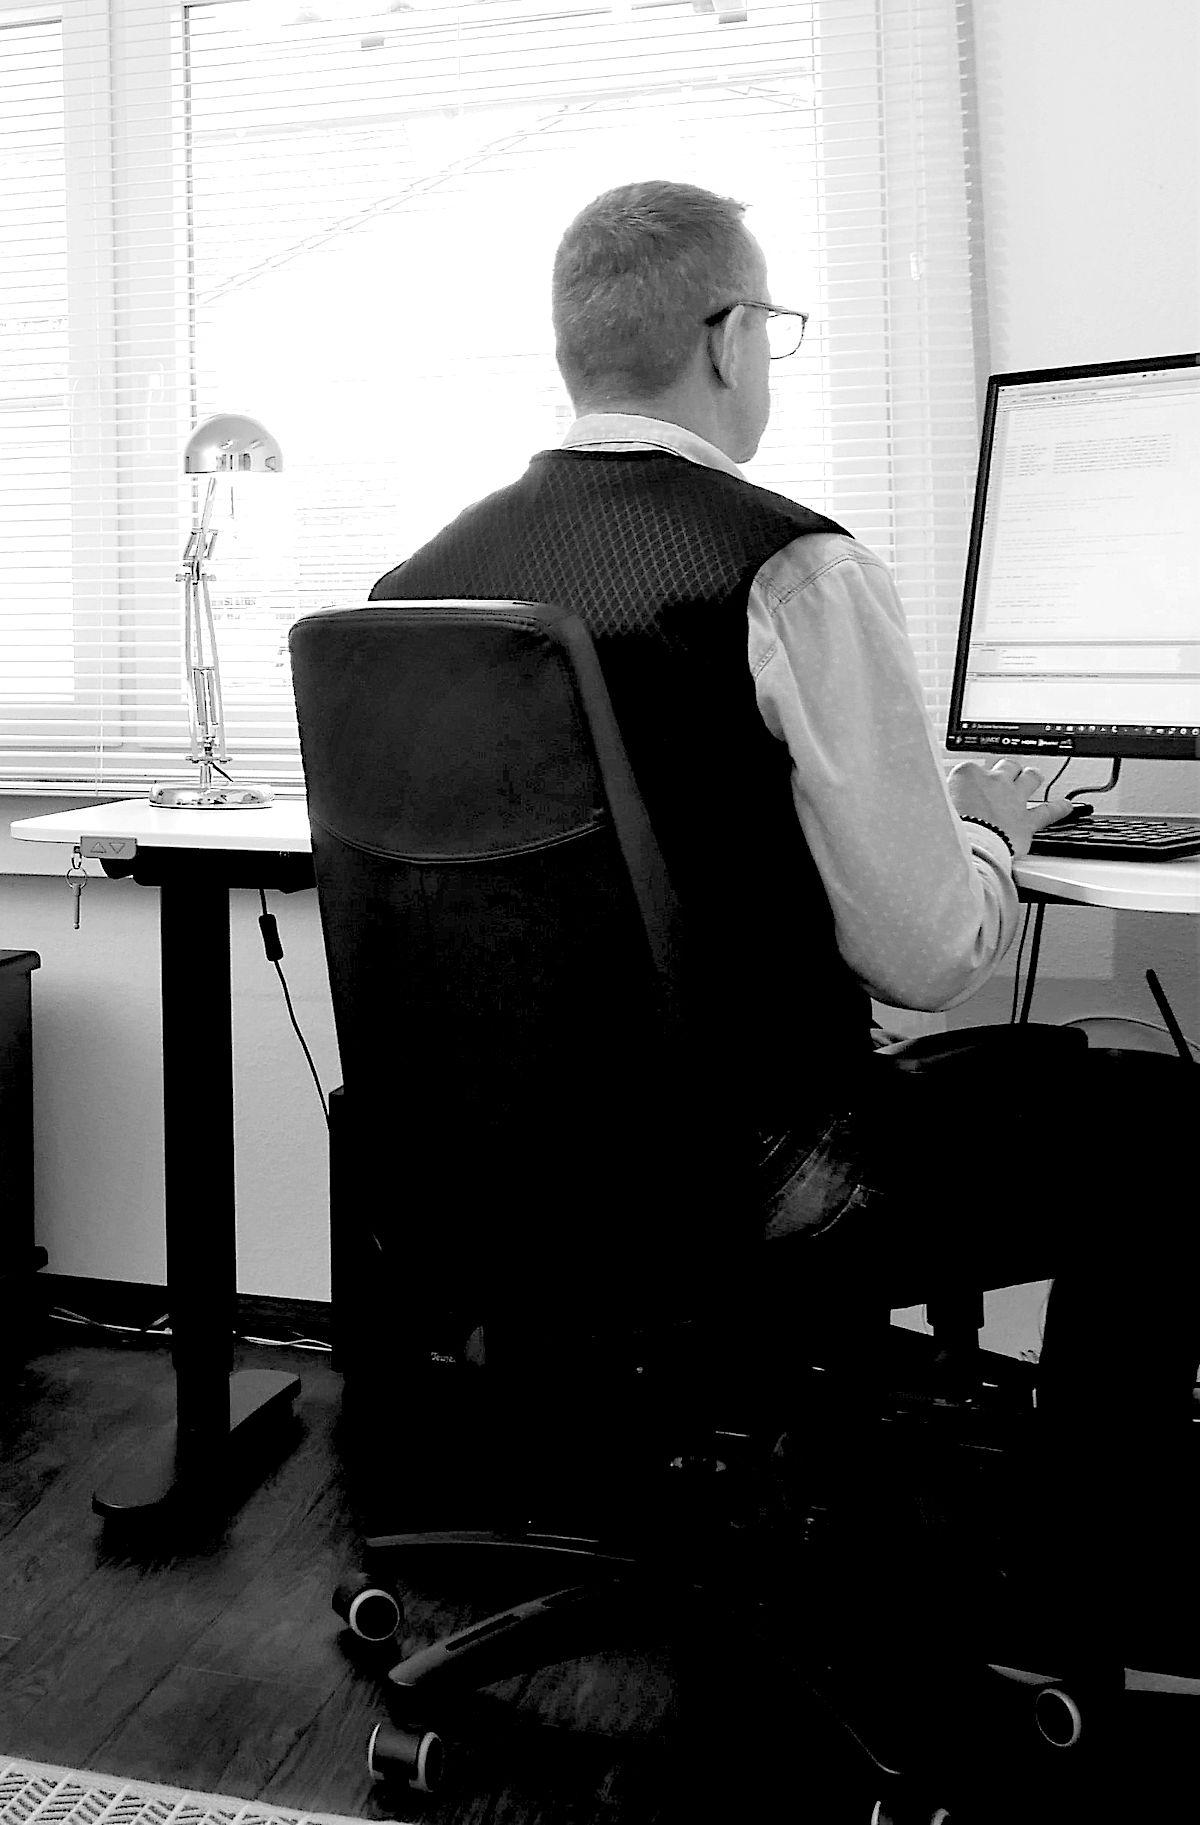 Tipto Internetagentur, Heppenheim. Seit 2003 bieten wir in Heppenheim an der Bergstraße für freiberuflich Tätige (Ärzte, Zahnärzte, Steuerberater, Rechtsanwälte, Autoren, ...) sowie kleine und mittelständige Unternehmen aus ganz Deutschland und europaweit einen Fünf-Sterne-Webdesign-Service für einen gelungenen Internetauftritt.